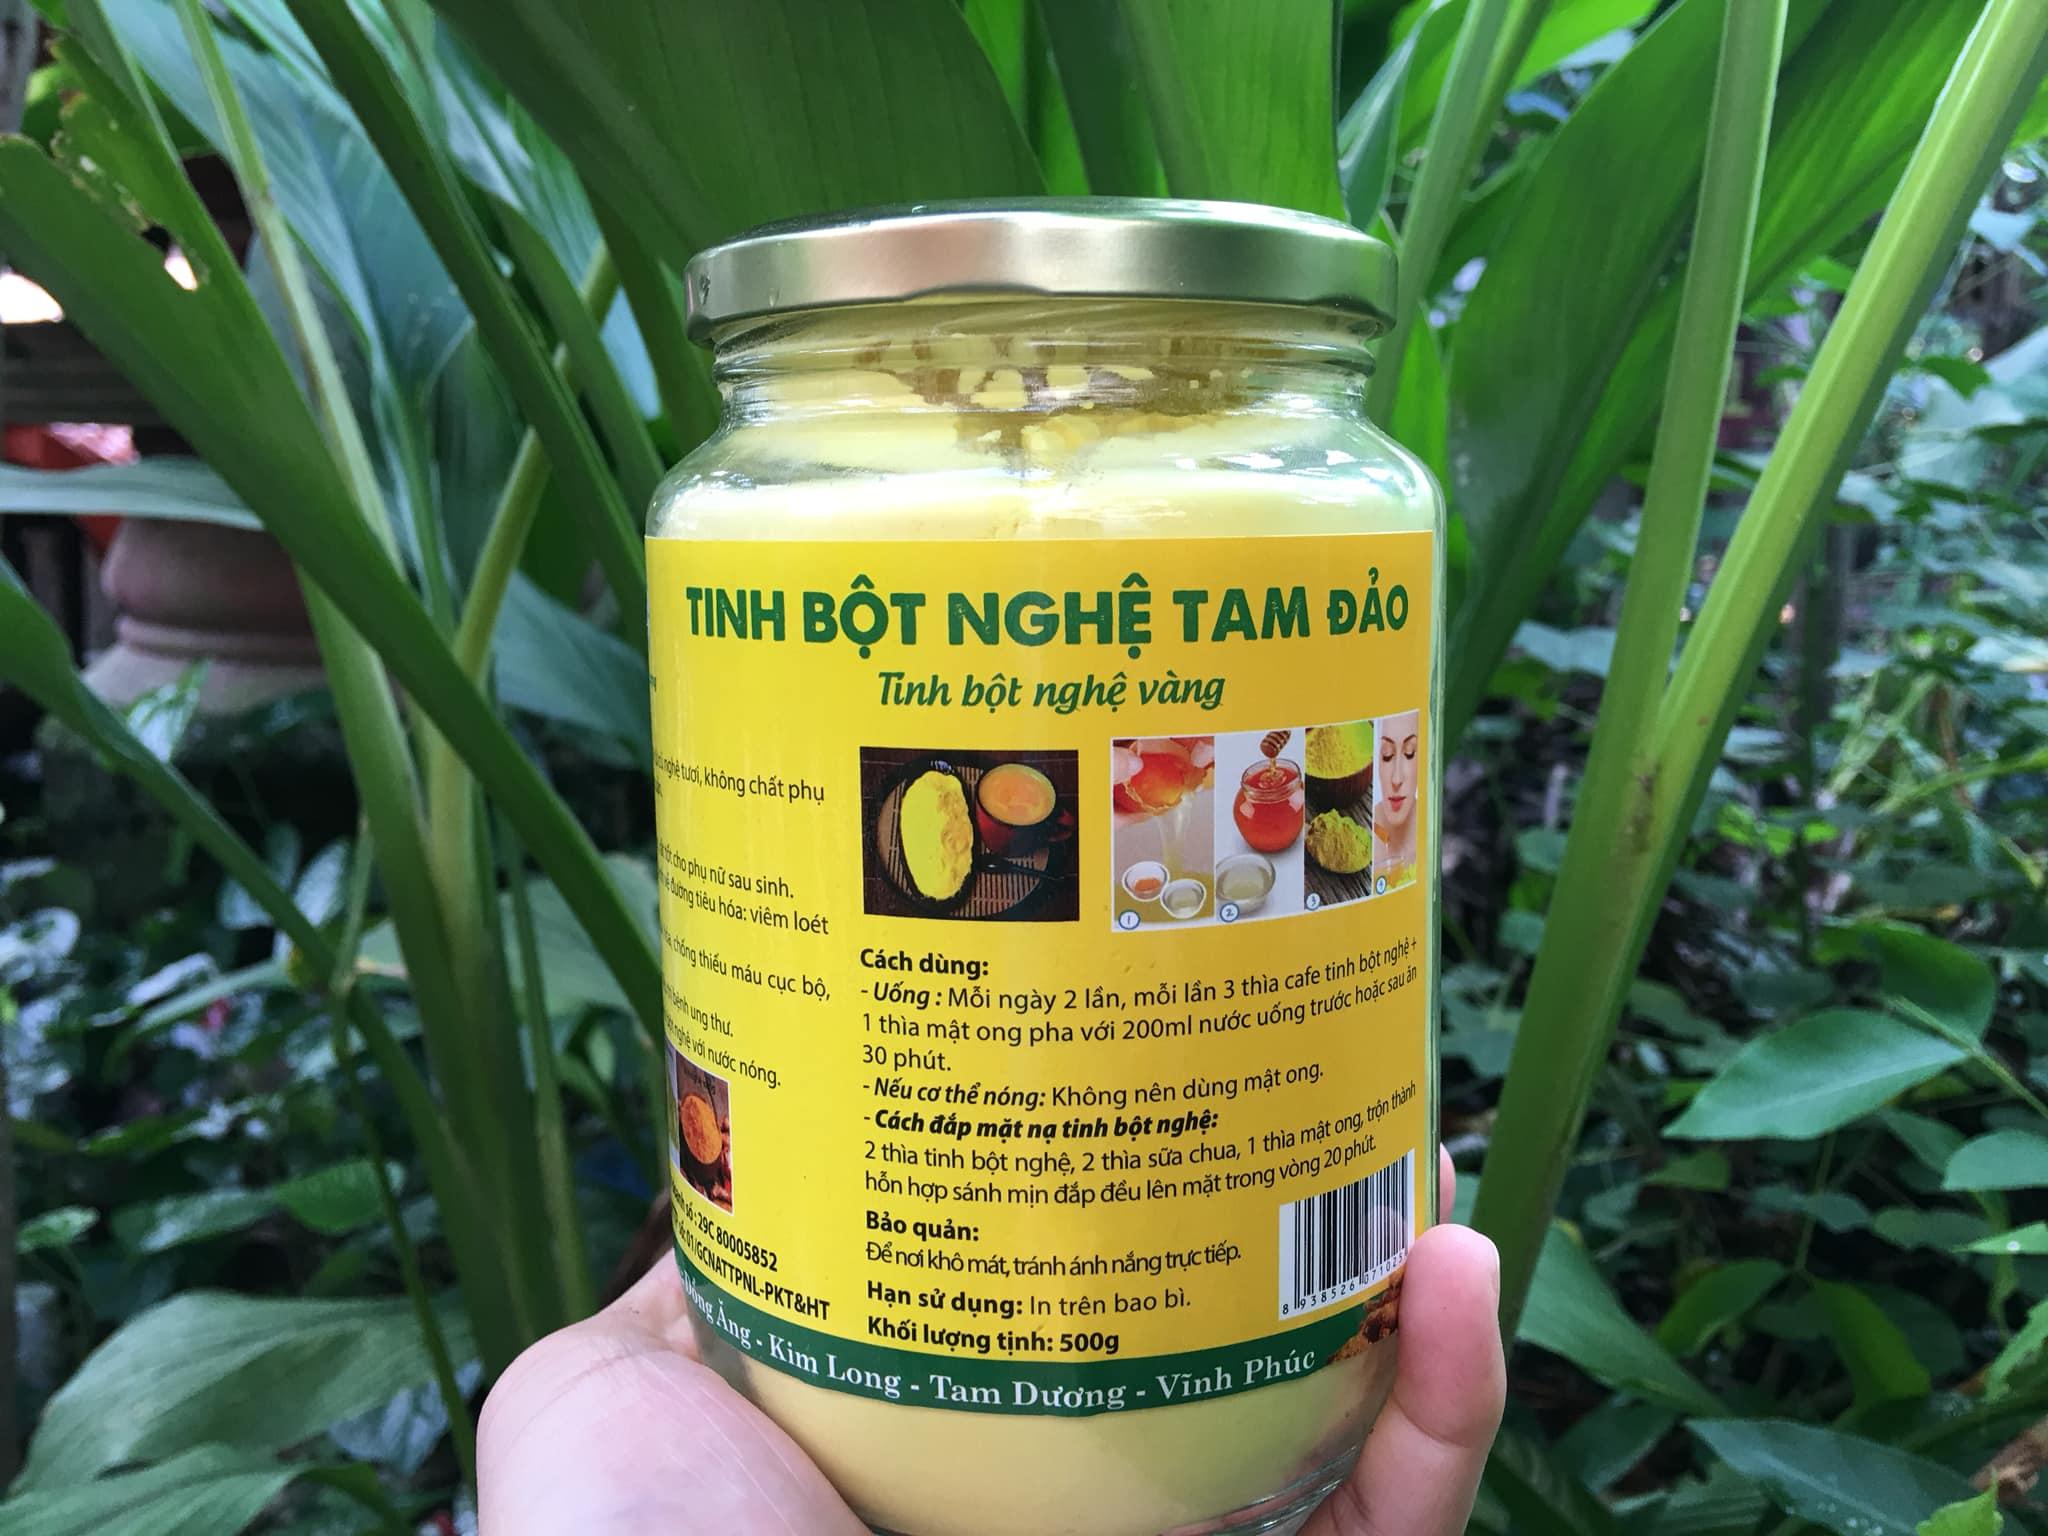 Mua bán tinh bột nghệ làm đẹp tại Quảng Bình 1